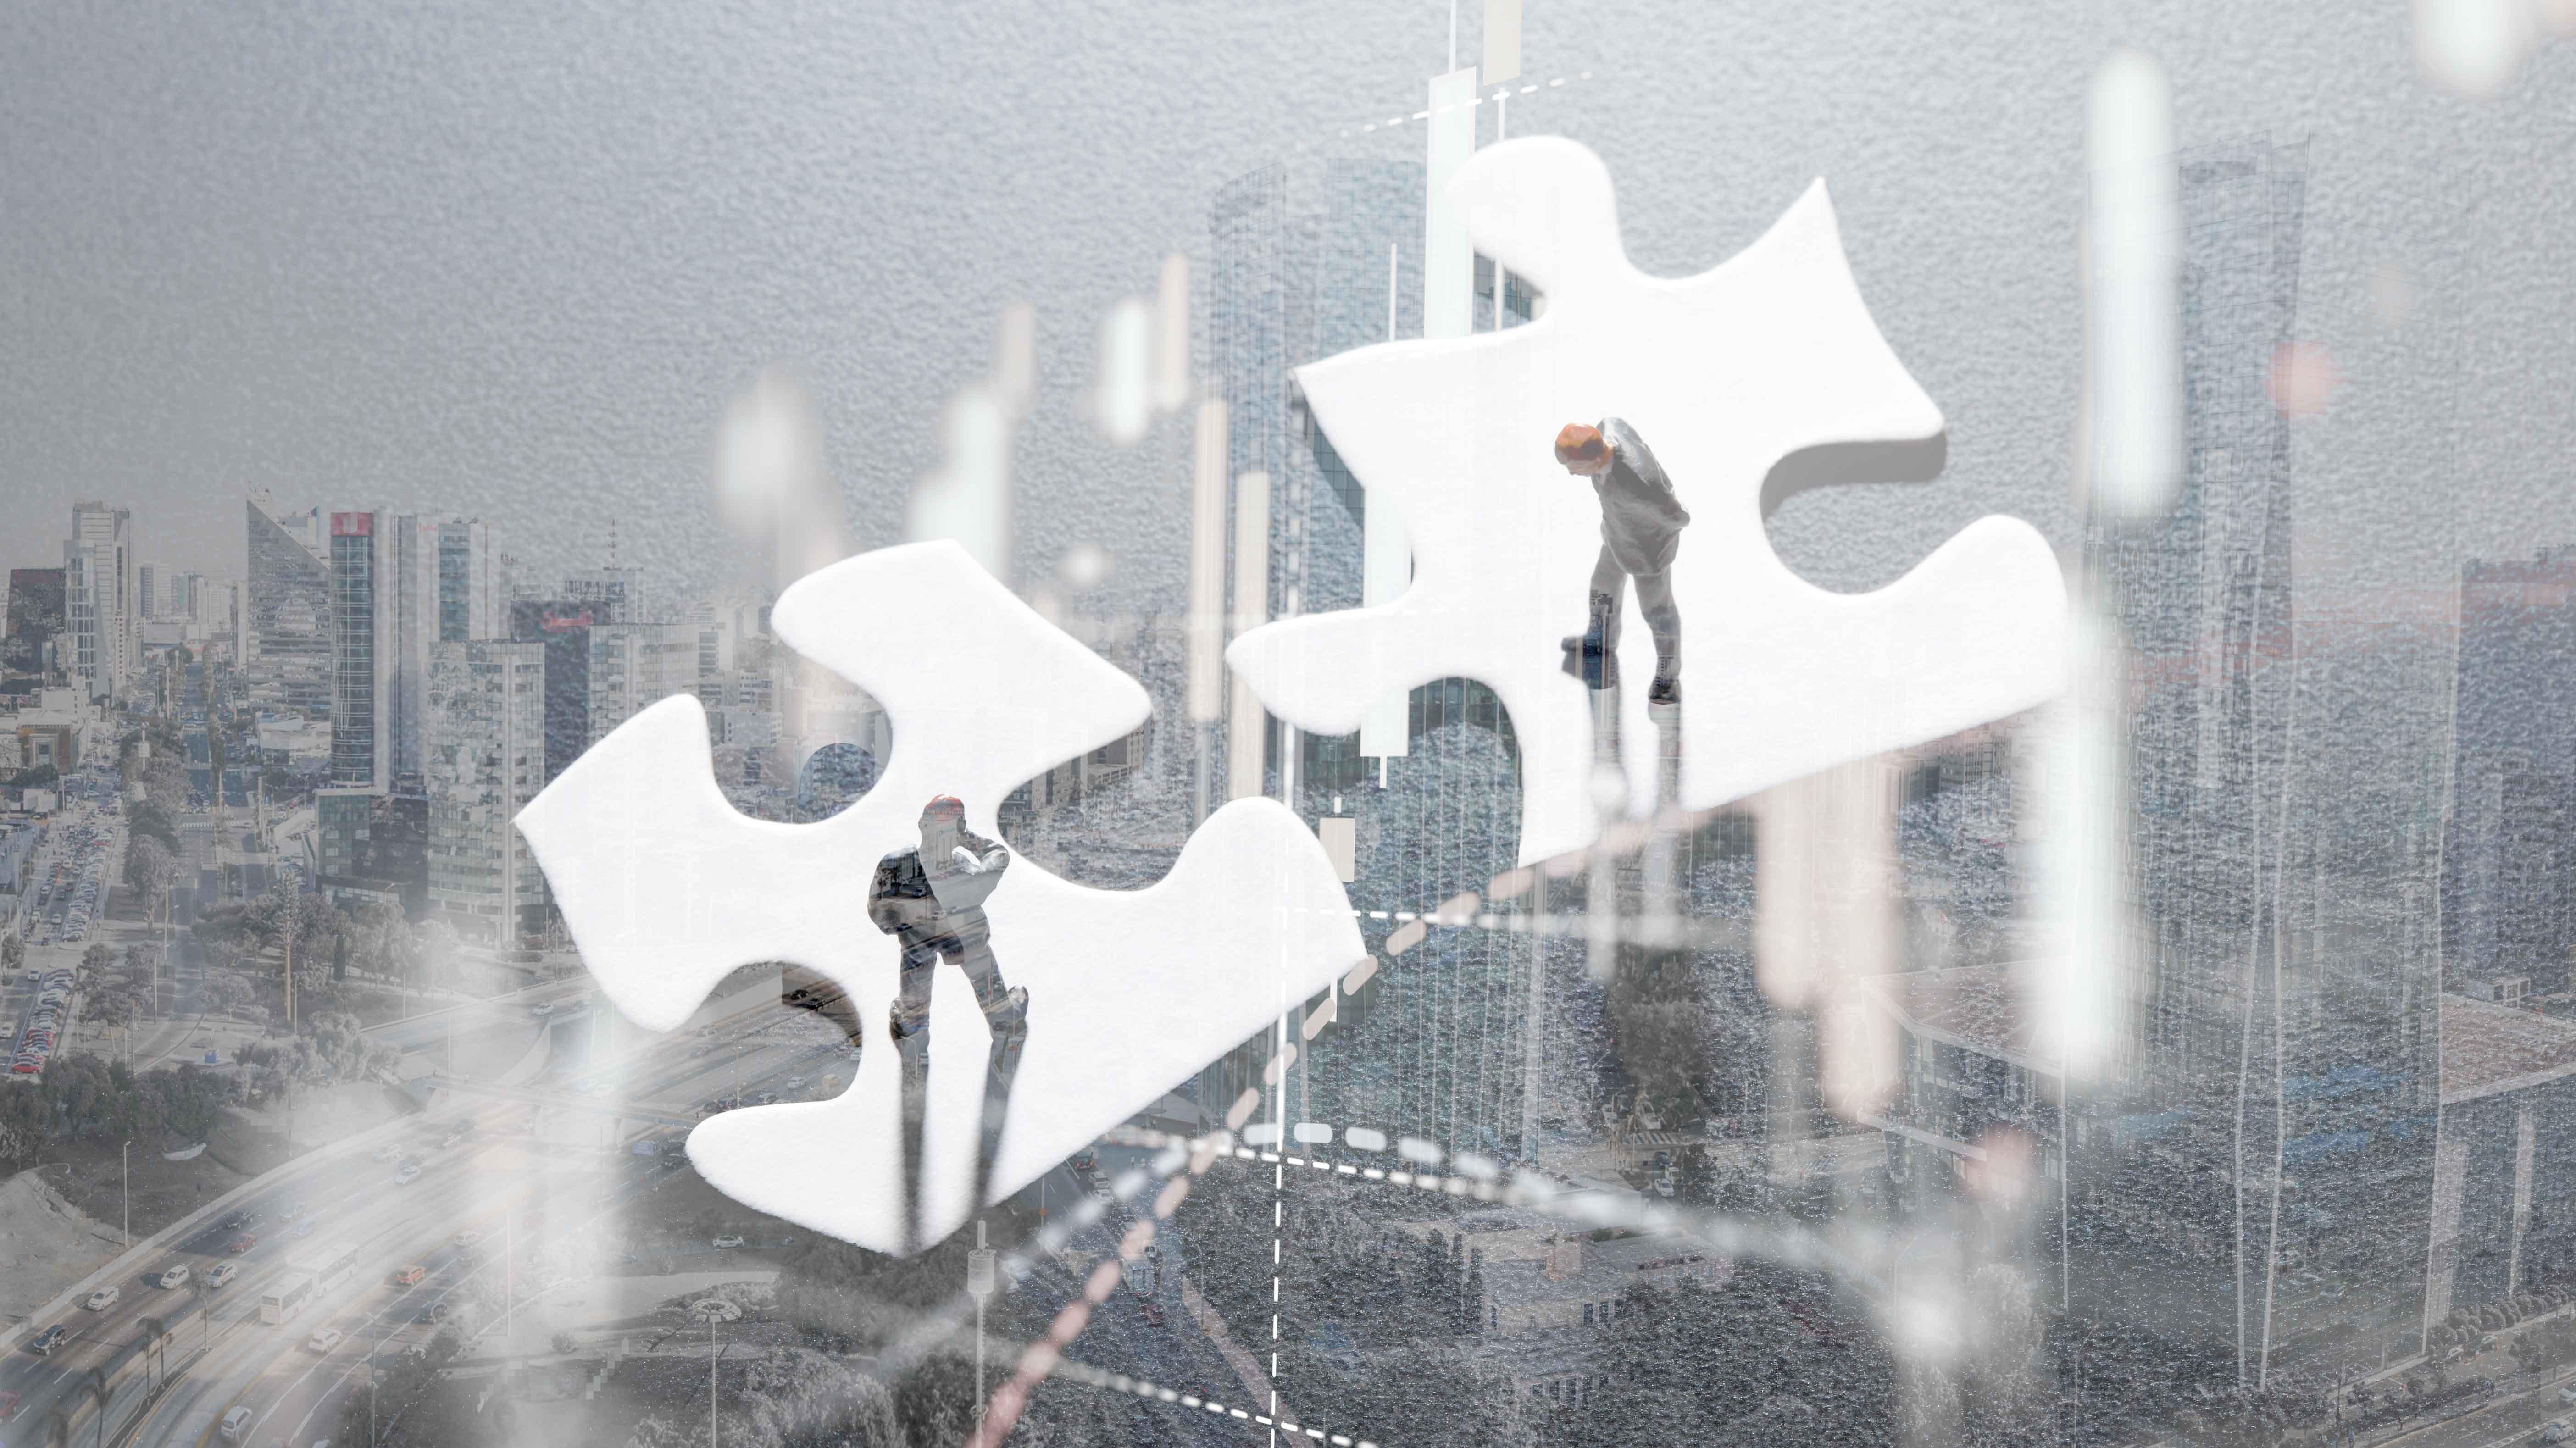 mercado-local-de-fusiones-y-adquisiciones-recupero-dinamismo-en-pandemia